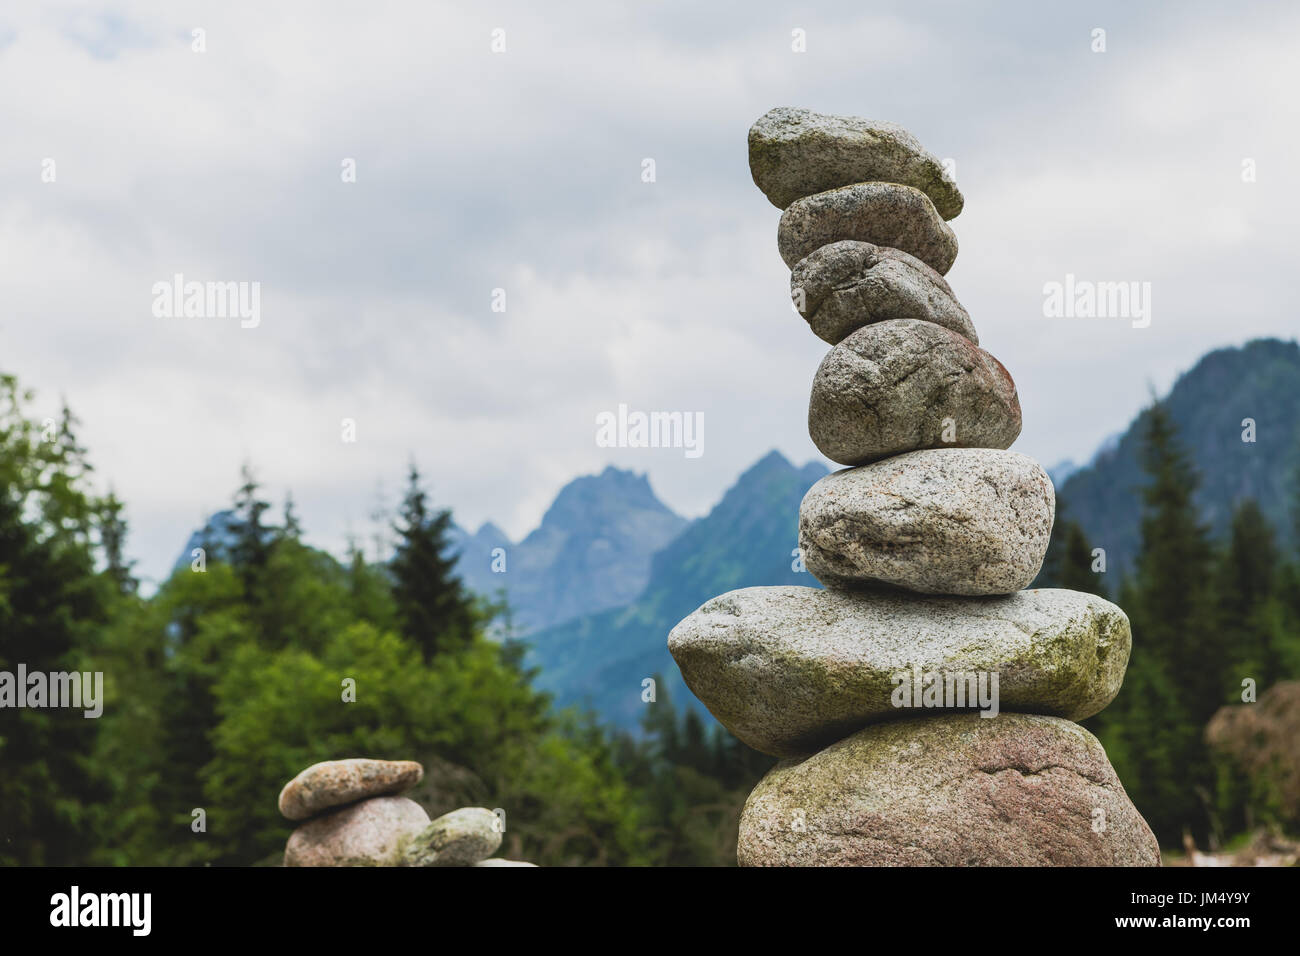 Steinen Gleichgewicht, Hierarchie-Stack über bewölktem Himmel in Bergen. Inspirierende Stabilität Konzept auf Felsen. Stockbild